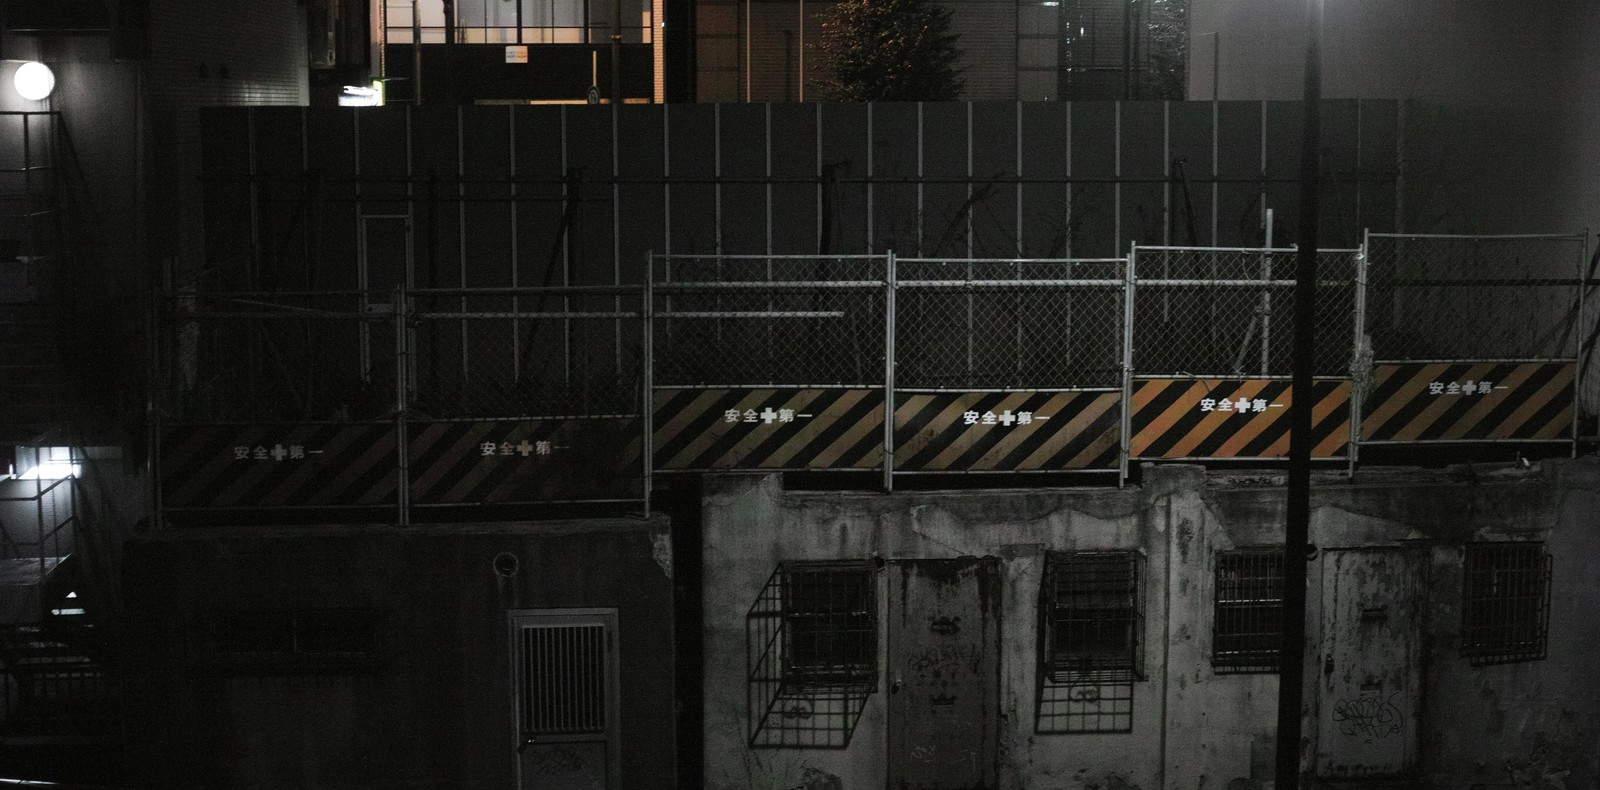 「安全第一夜間の工事現場安全第一夜間の工事現場」のフリー写真素材を拡大